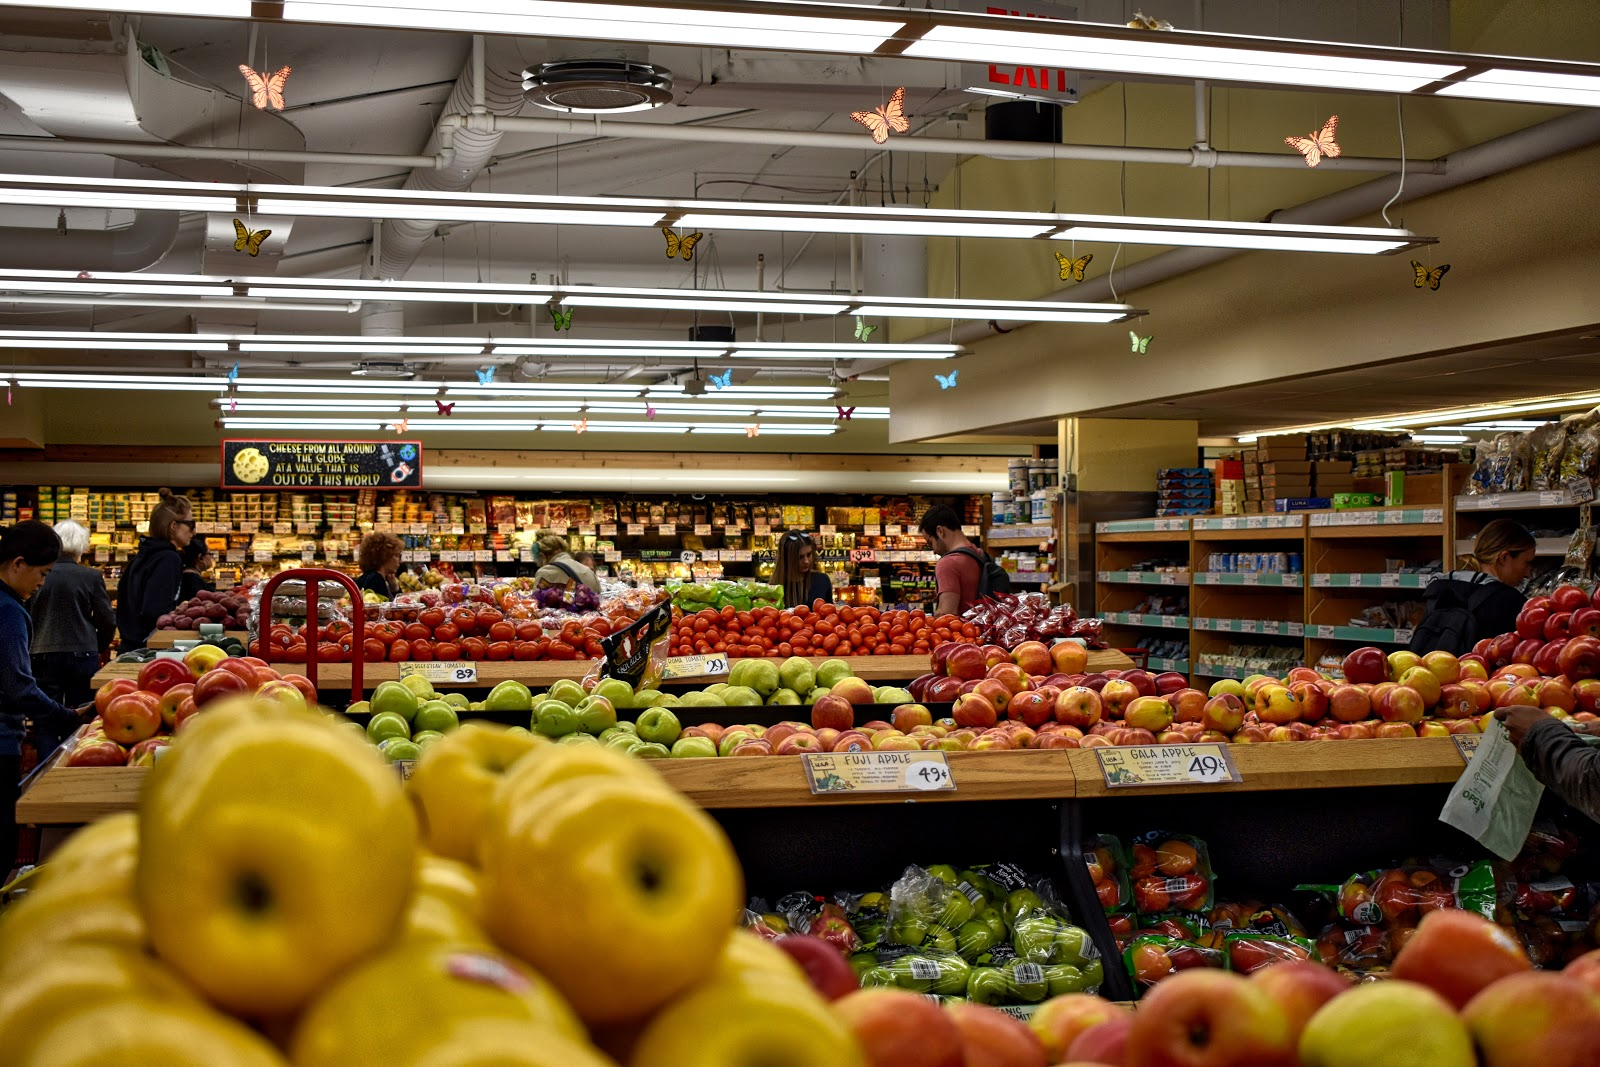 Cupones de peapodo: Personas comprando en una tienda de comestibles